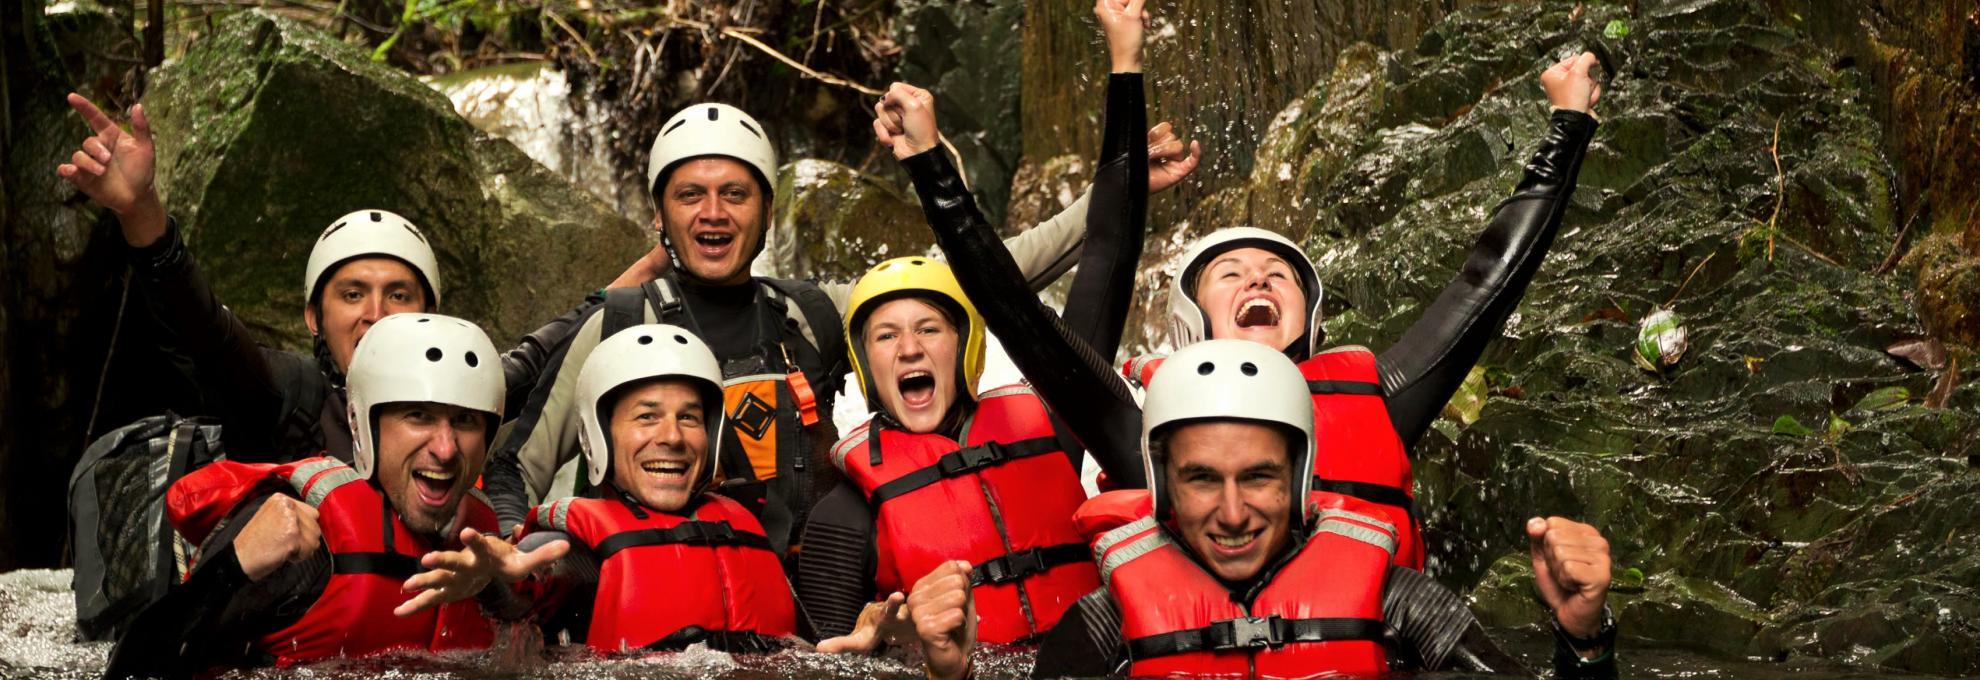 body rafting adventure and fun